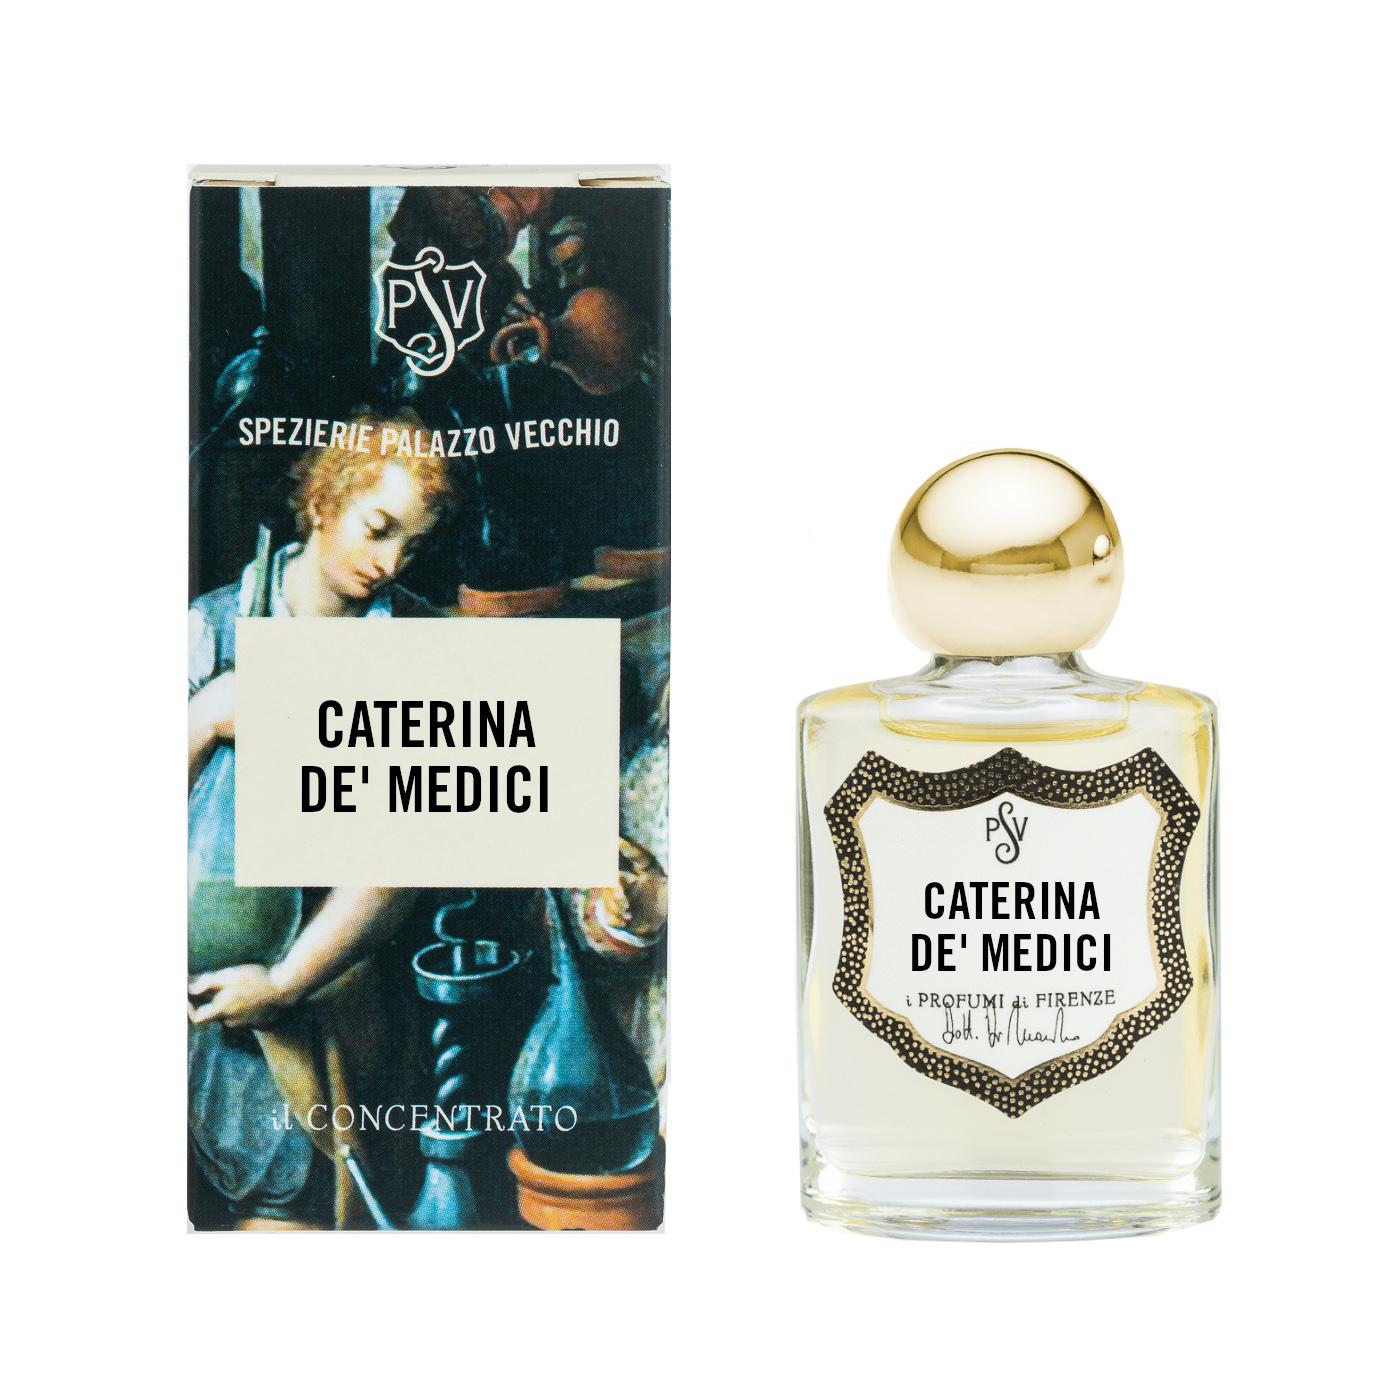 CATERINA DE' MEDICI - Il Concentrato-3892